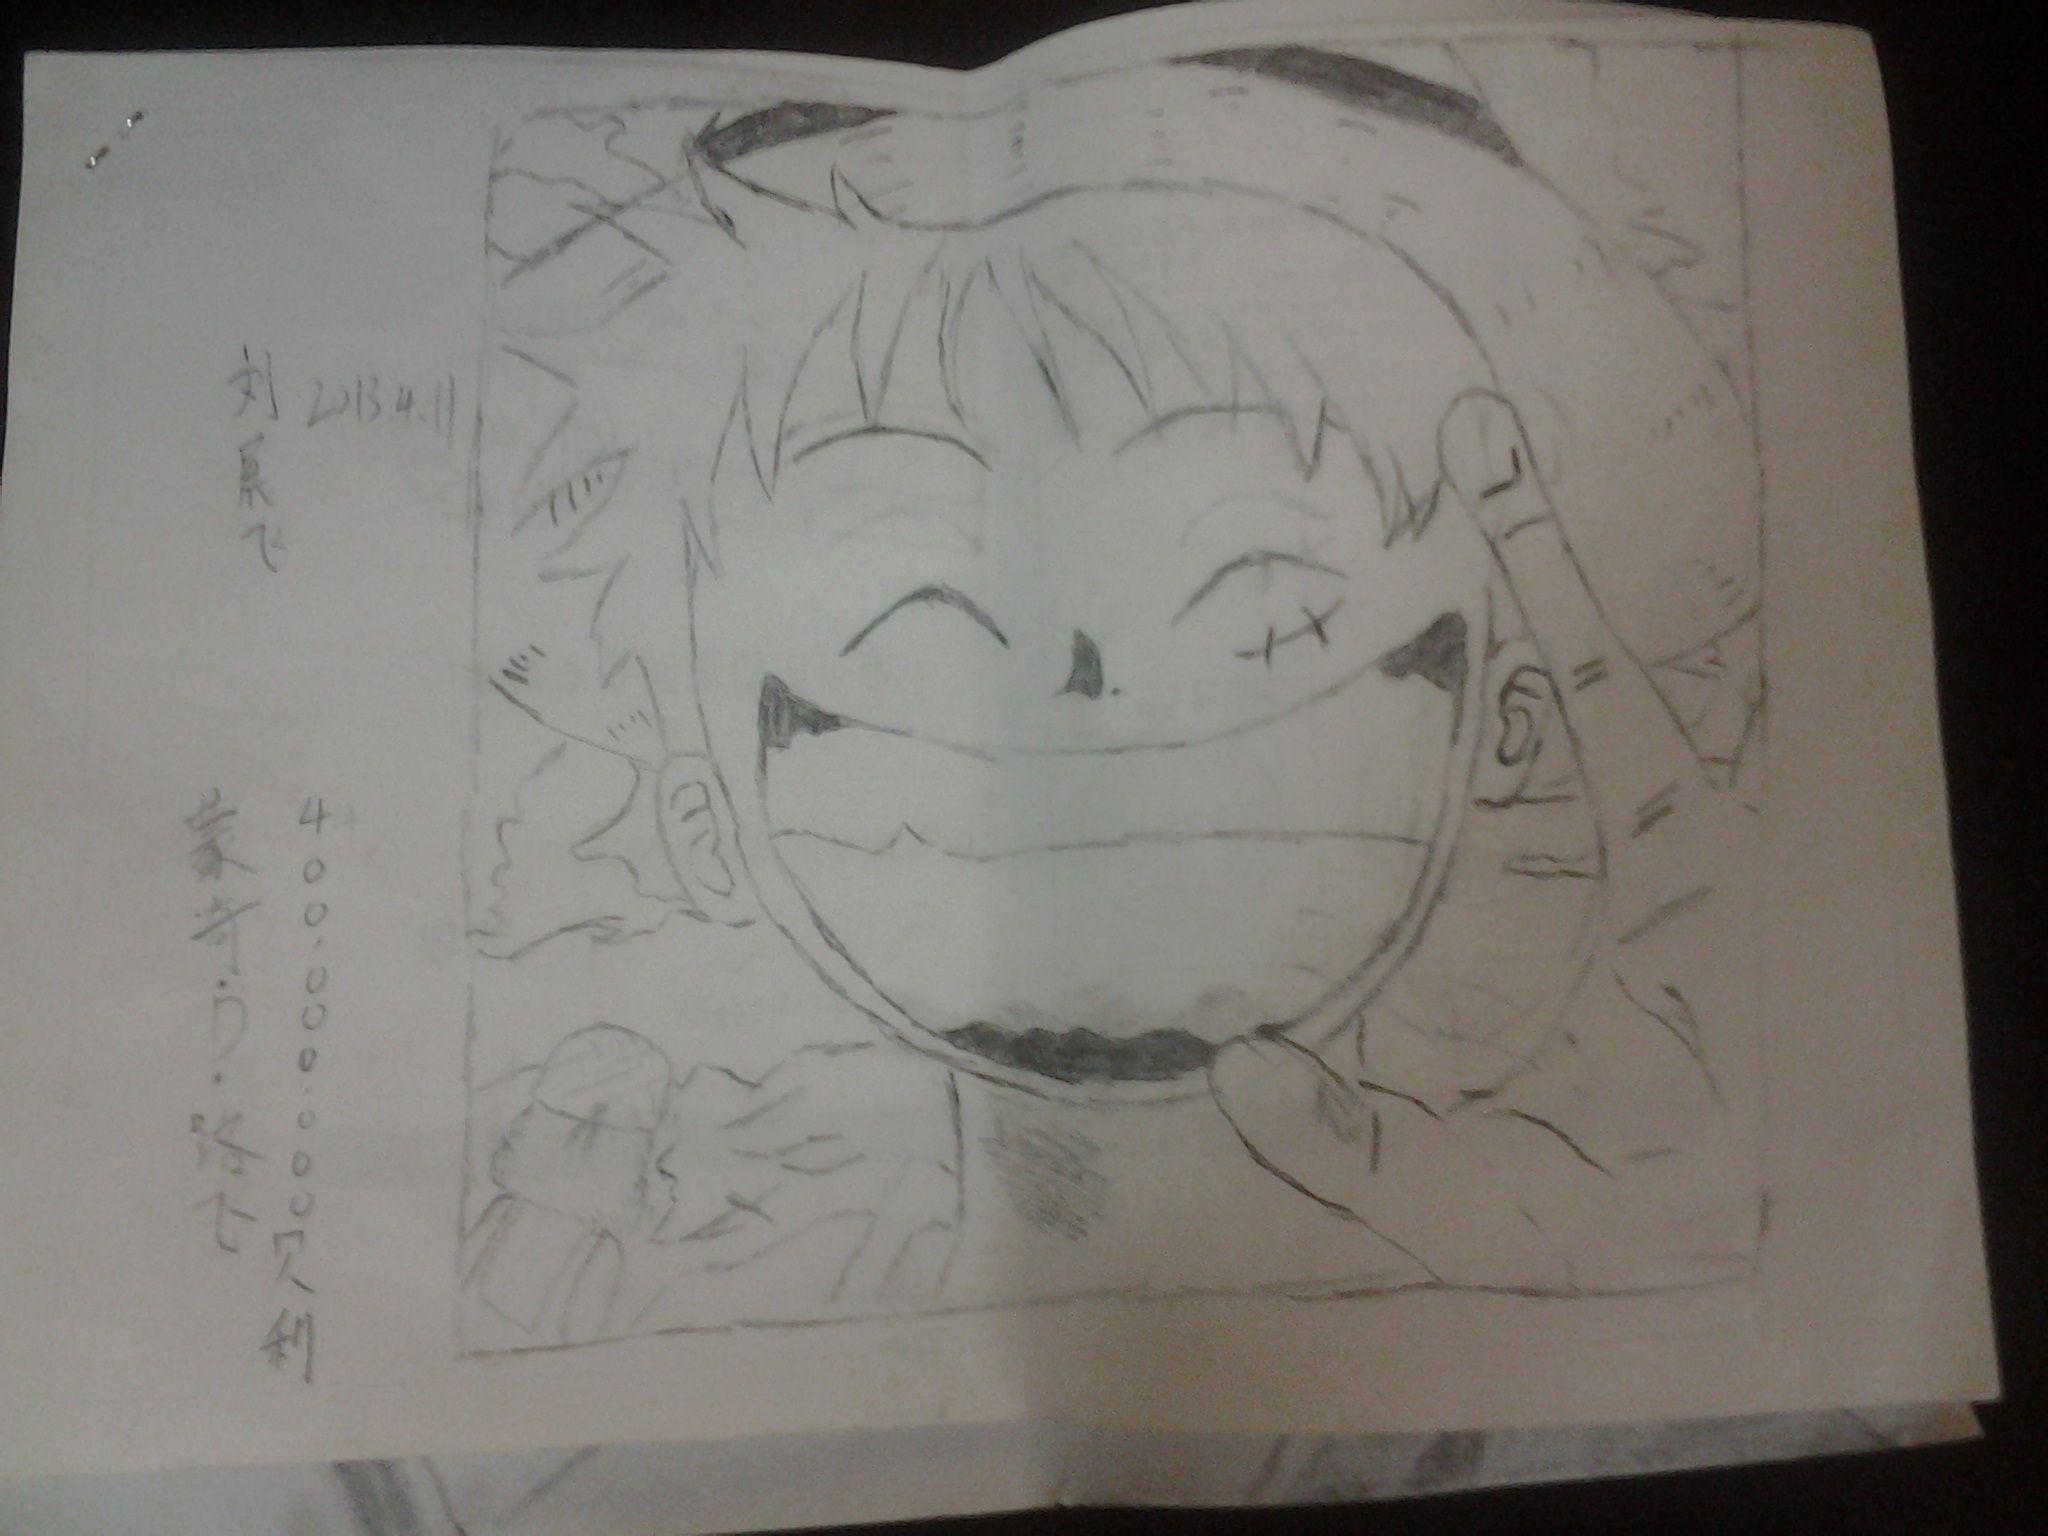 海贼王素描图片 海贼王素描图片大全 海贼王人物素描 海贼王漫画